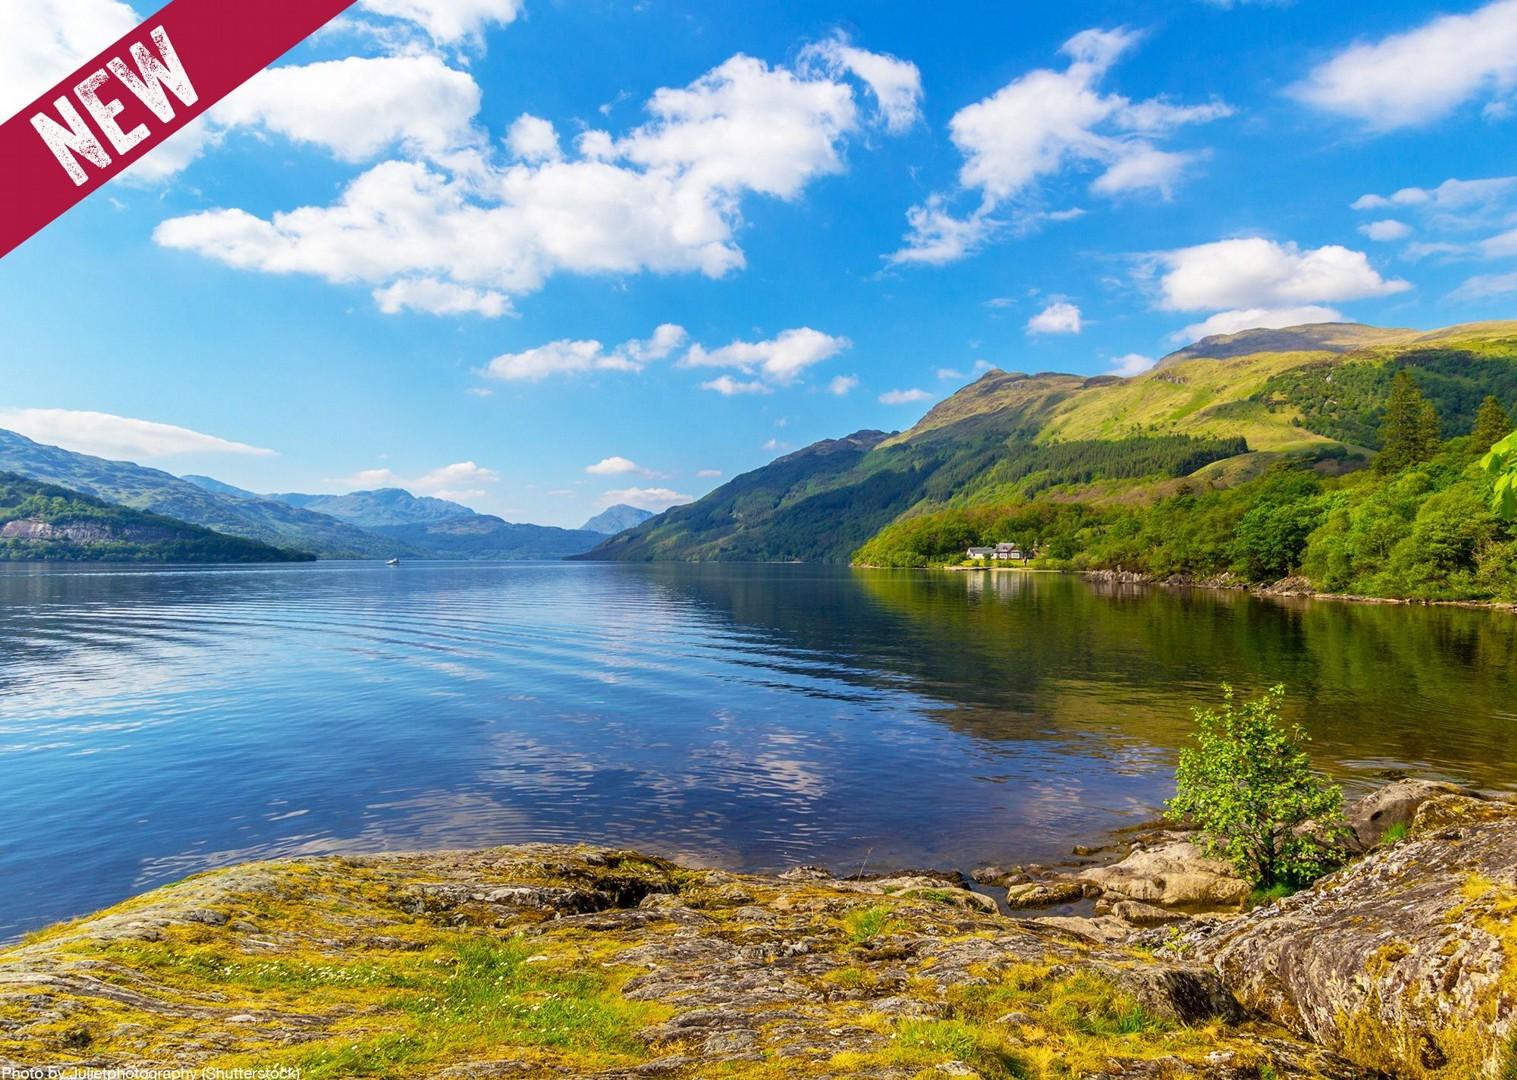 loch-lomond-scotland-uk-cycling-holiday-fun-lake.jpg - NEW! UK - Scotland - Lochs and Glens - Leisure Cycling